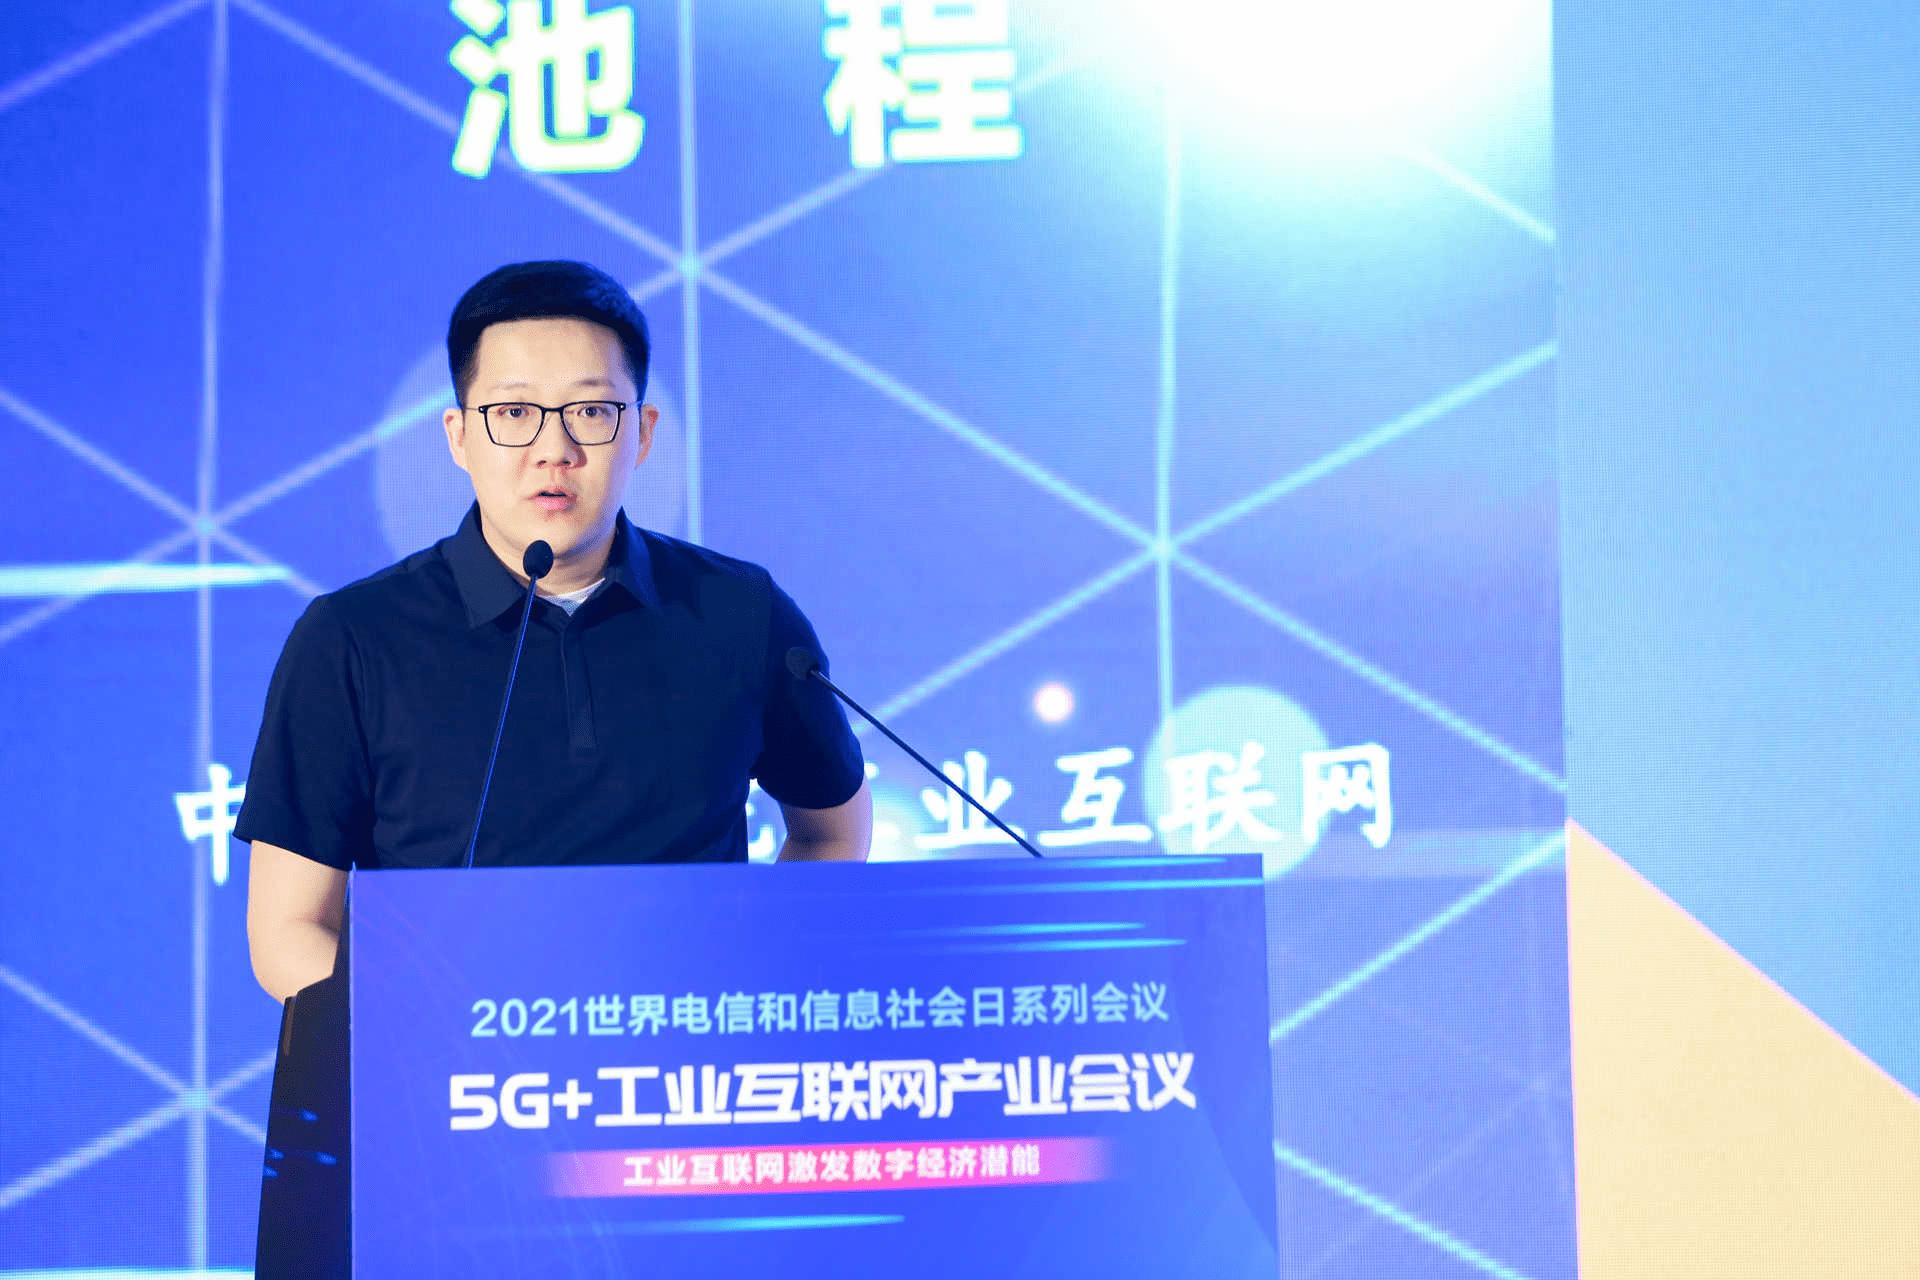 中国信通院池程:工业互联网标识走深向实,开启数字经济新时代